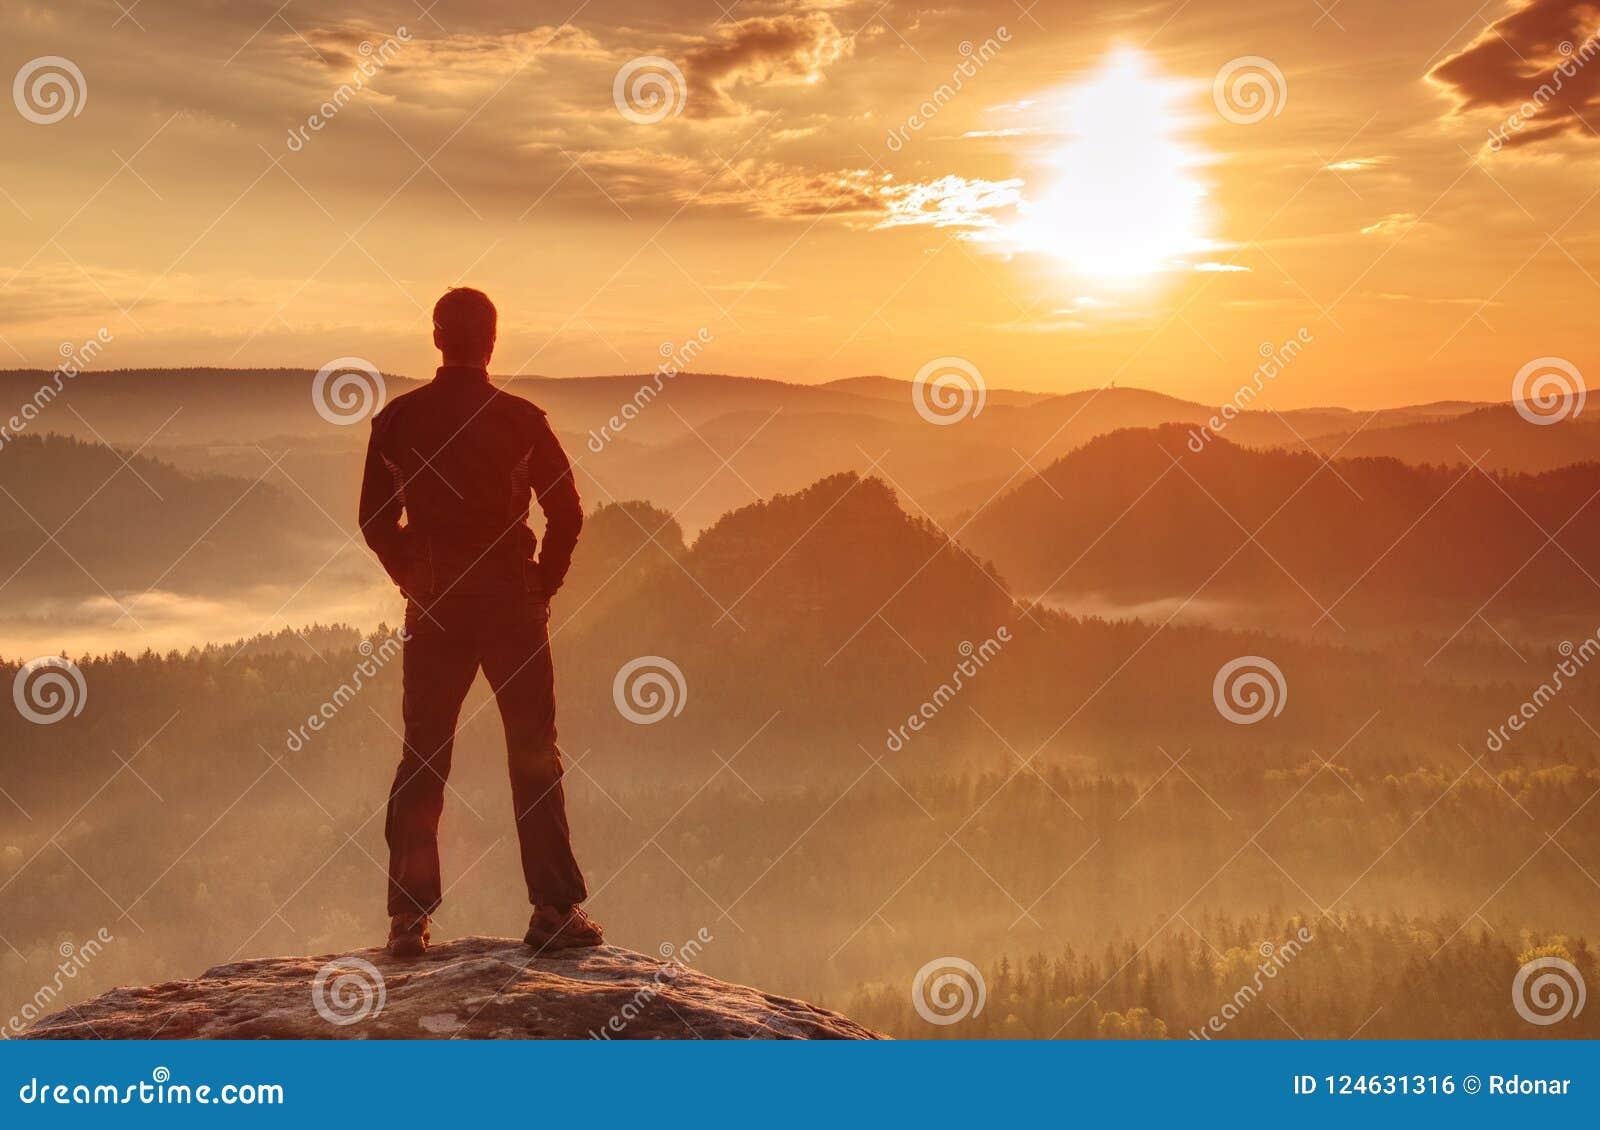 Όμορφο αθλητικό άτομο, ένας τουρίστας, παραμονή στο βράχο συνόδου κορυφής Άγρια υδρονέφωση